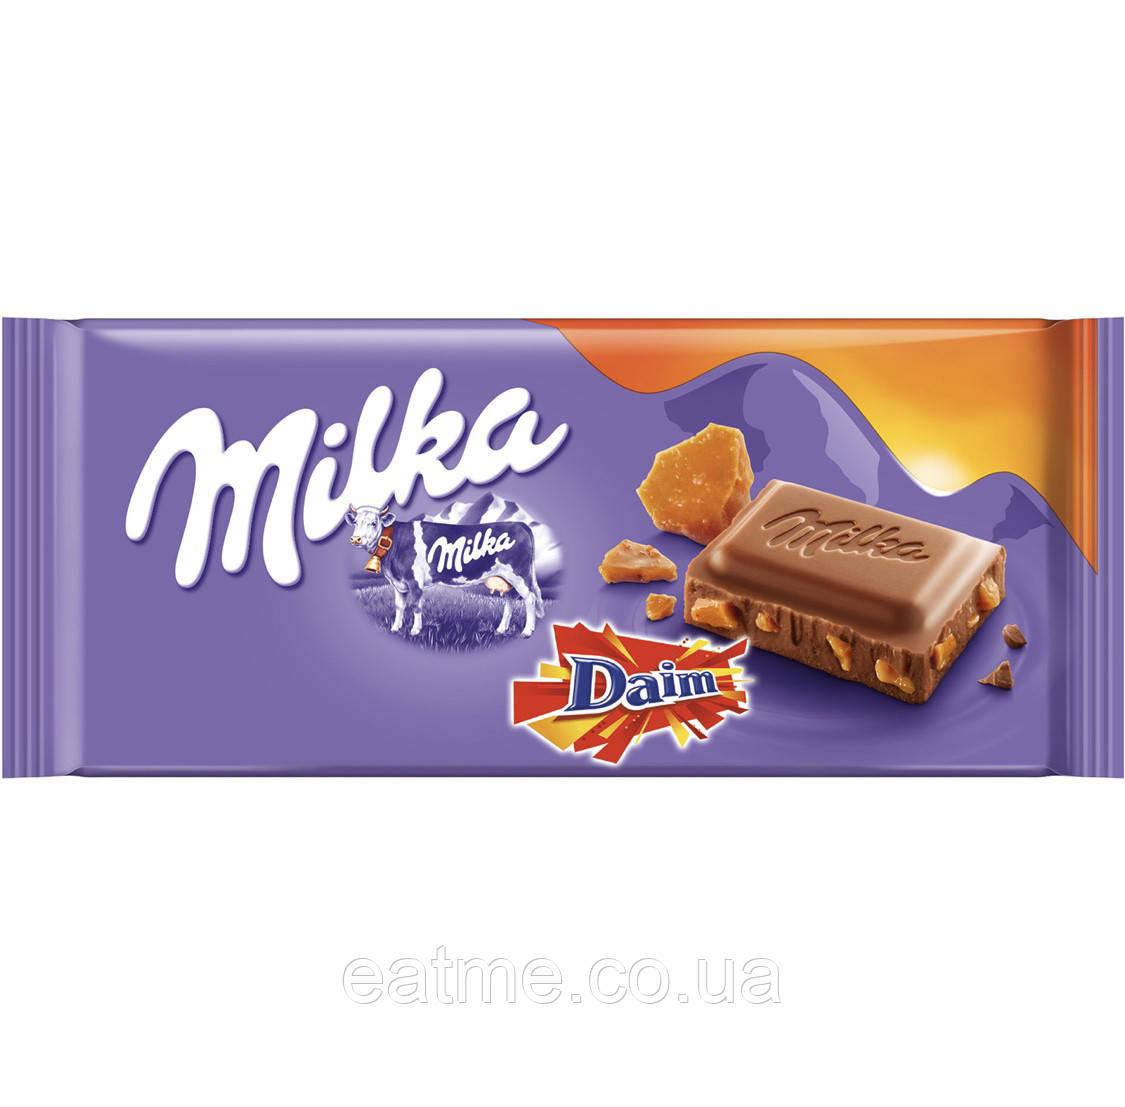 Milka & Daim Молочный шоколад с кусочками соленой карамели